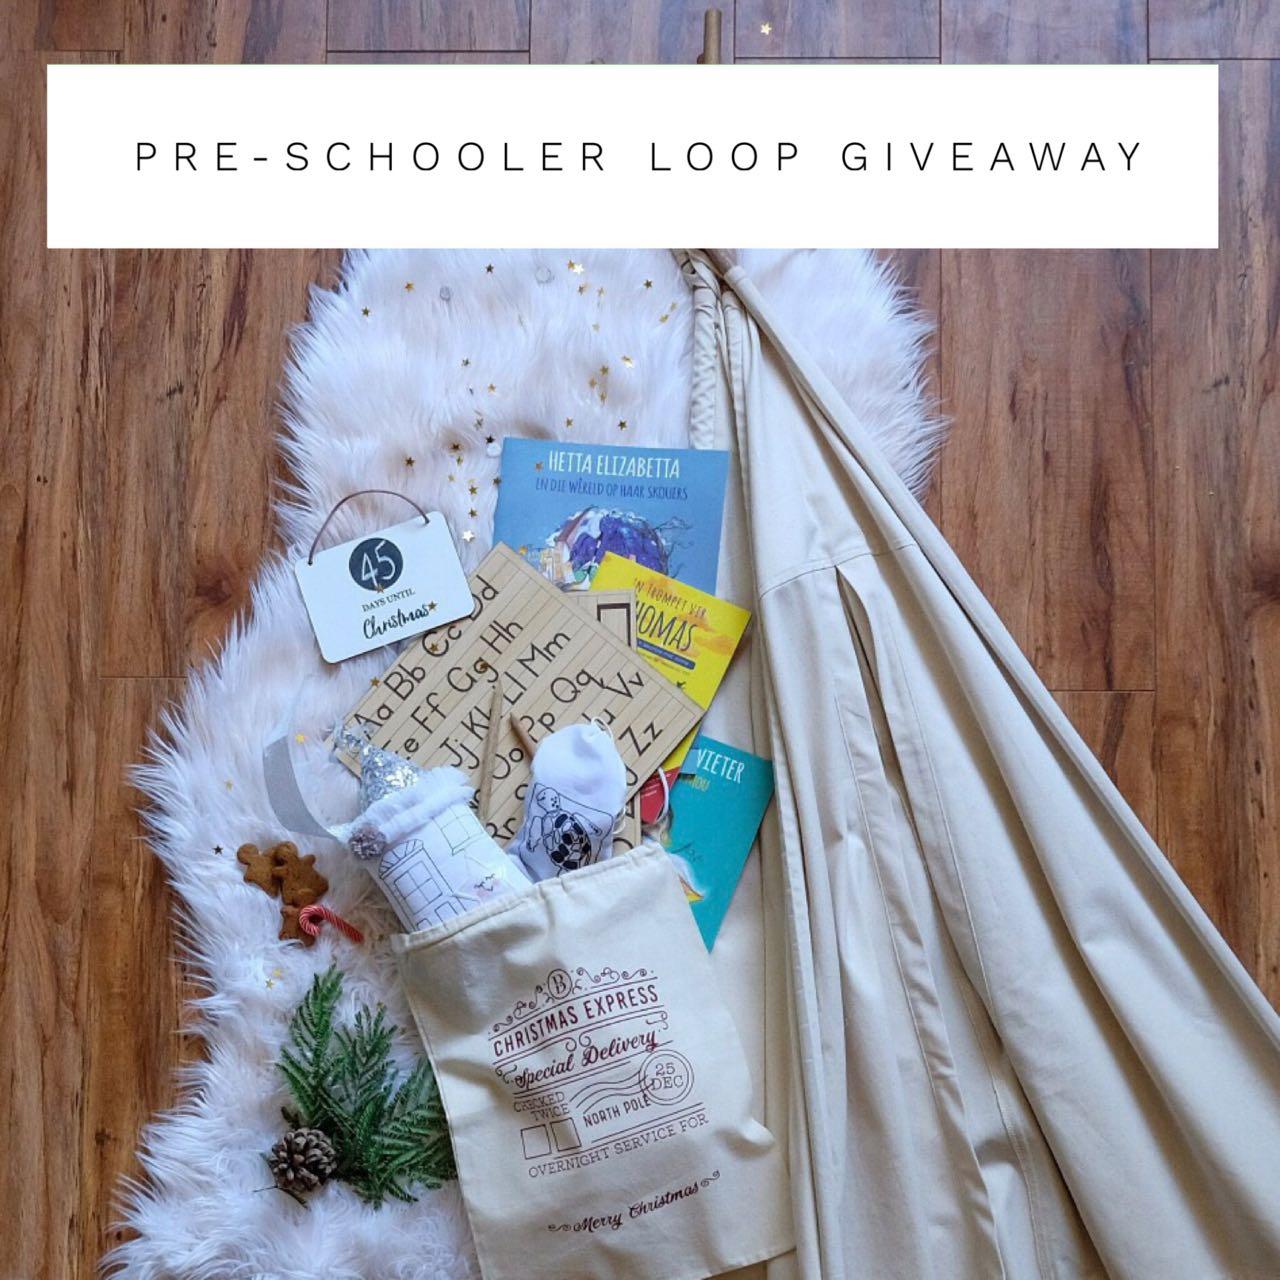 Pre-Schooler Christmas Wish List Giveaway, CLOSED Pre-Schooler Christmas Wish List Giveaway